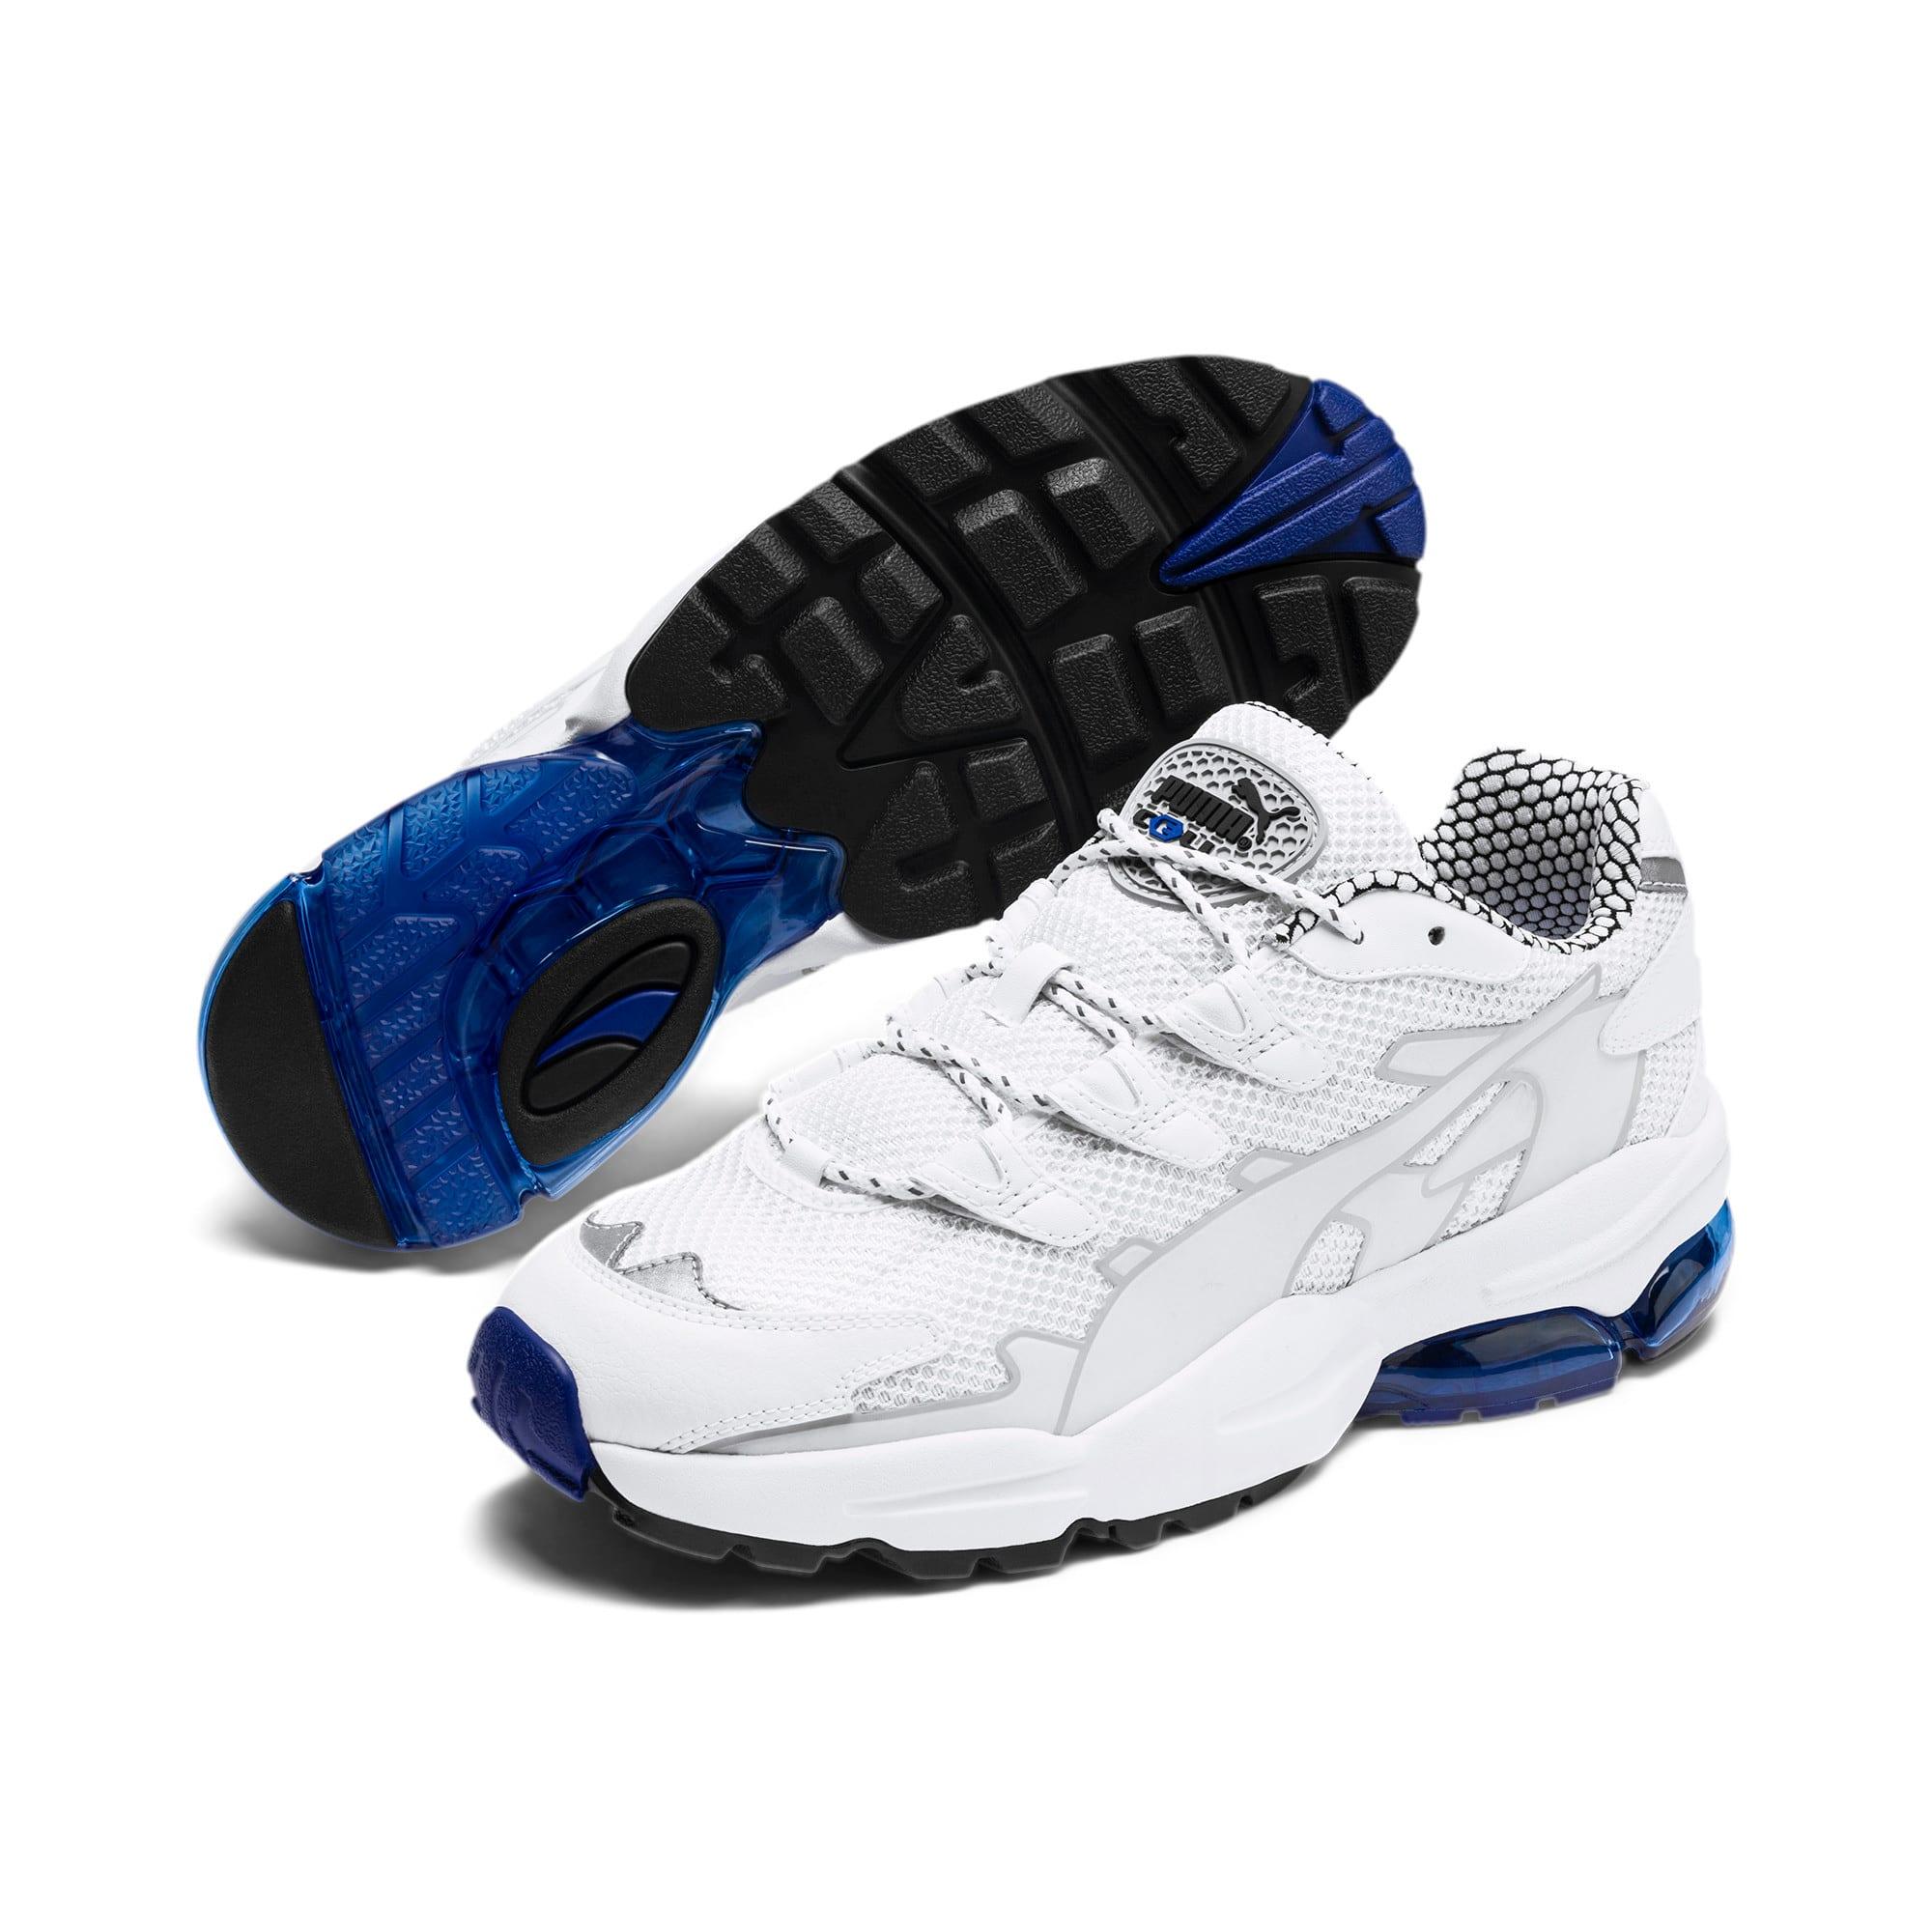 Thumbnail 3 of CELL Alien Kotto Sneakers, Puma White-Puma White, medium